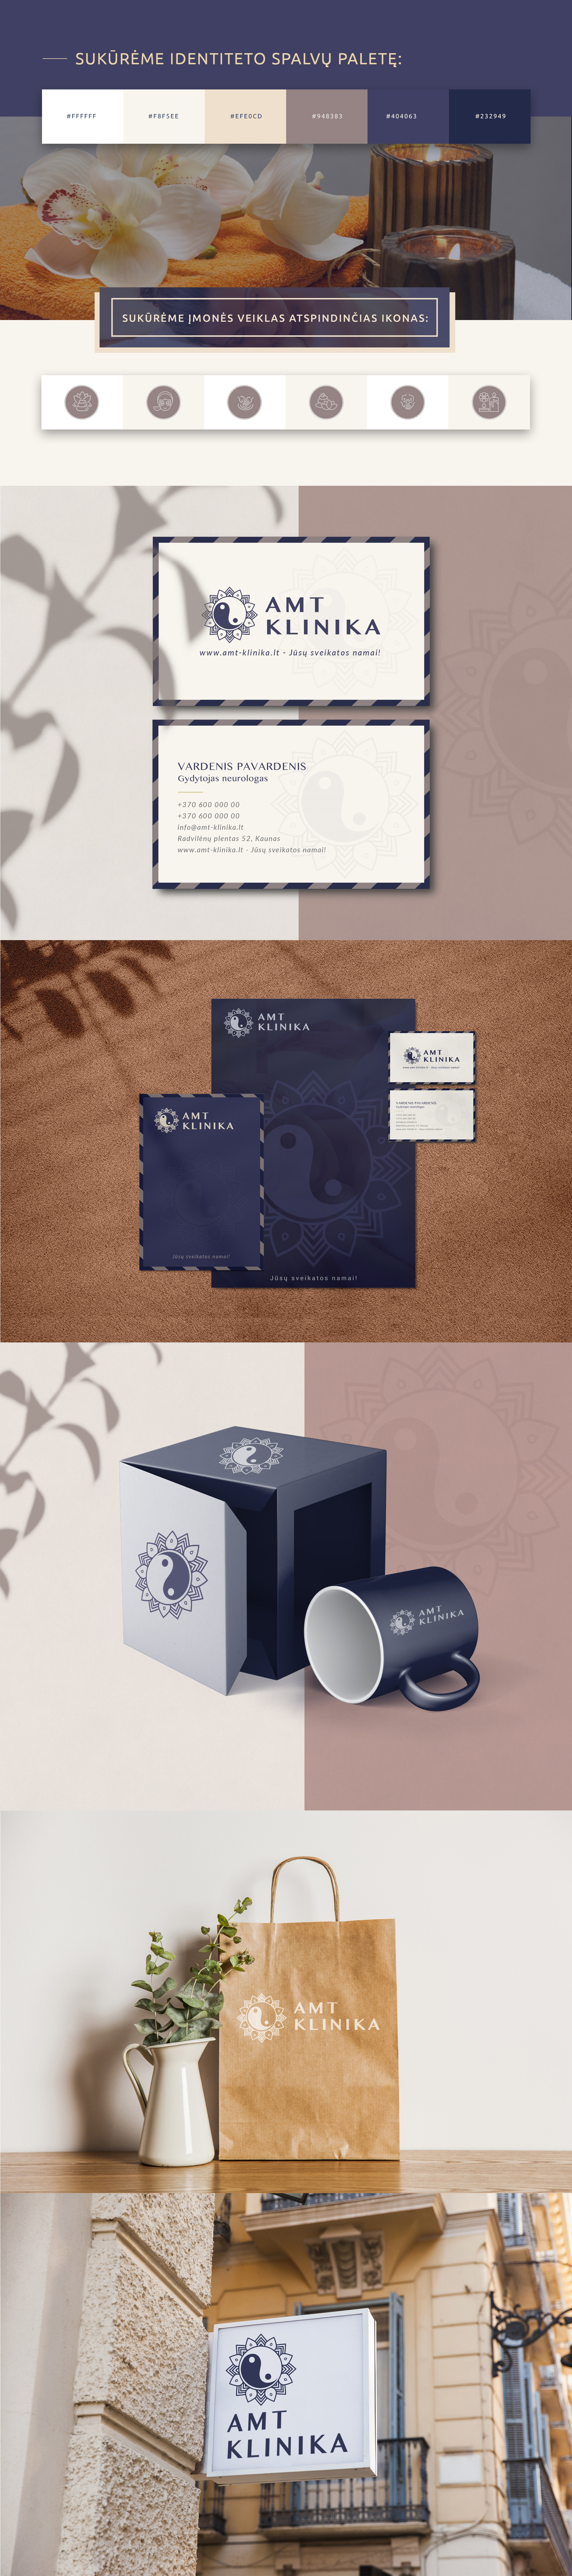 PIXELART – logotipo kūrimas, firminio stiliaus kūrimas: Vilniuje, Kaune, Šiauliuose, Klaipėdoje, Panevėžyje. Unikalių logotipų ir prekinių ženklų kūrimas. Firminio stiliaus kūrimas nuo A iki Z - PIXELART.LT